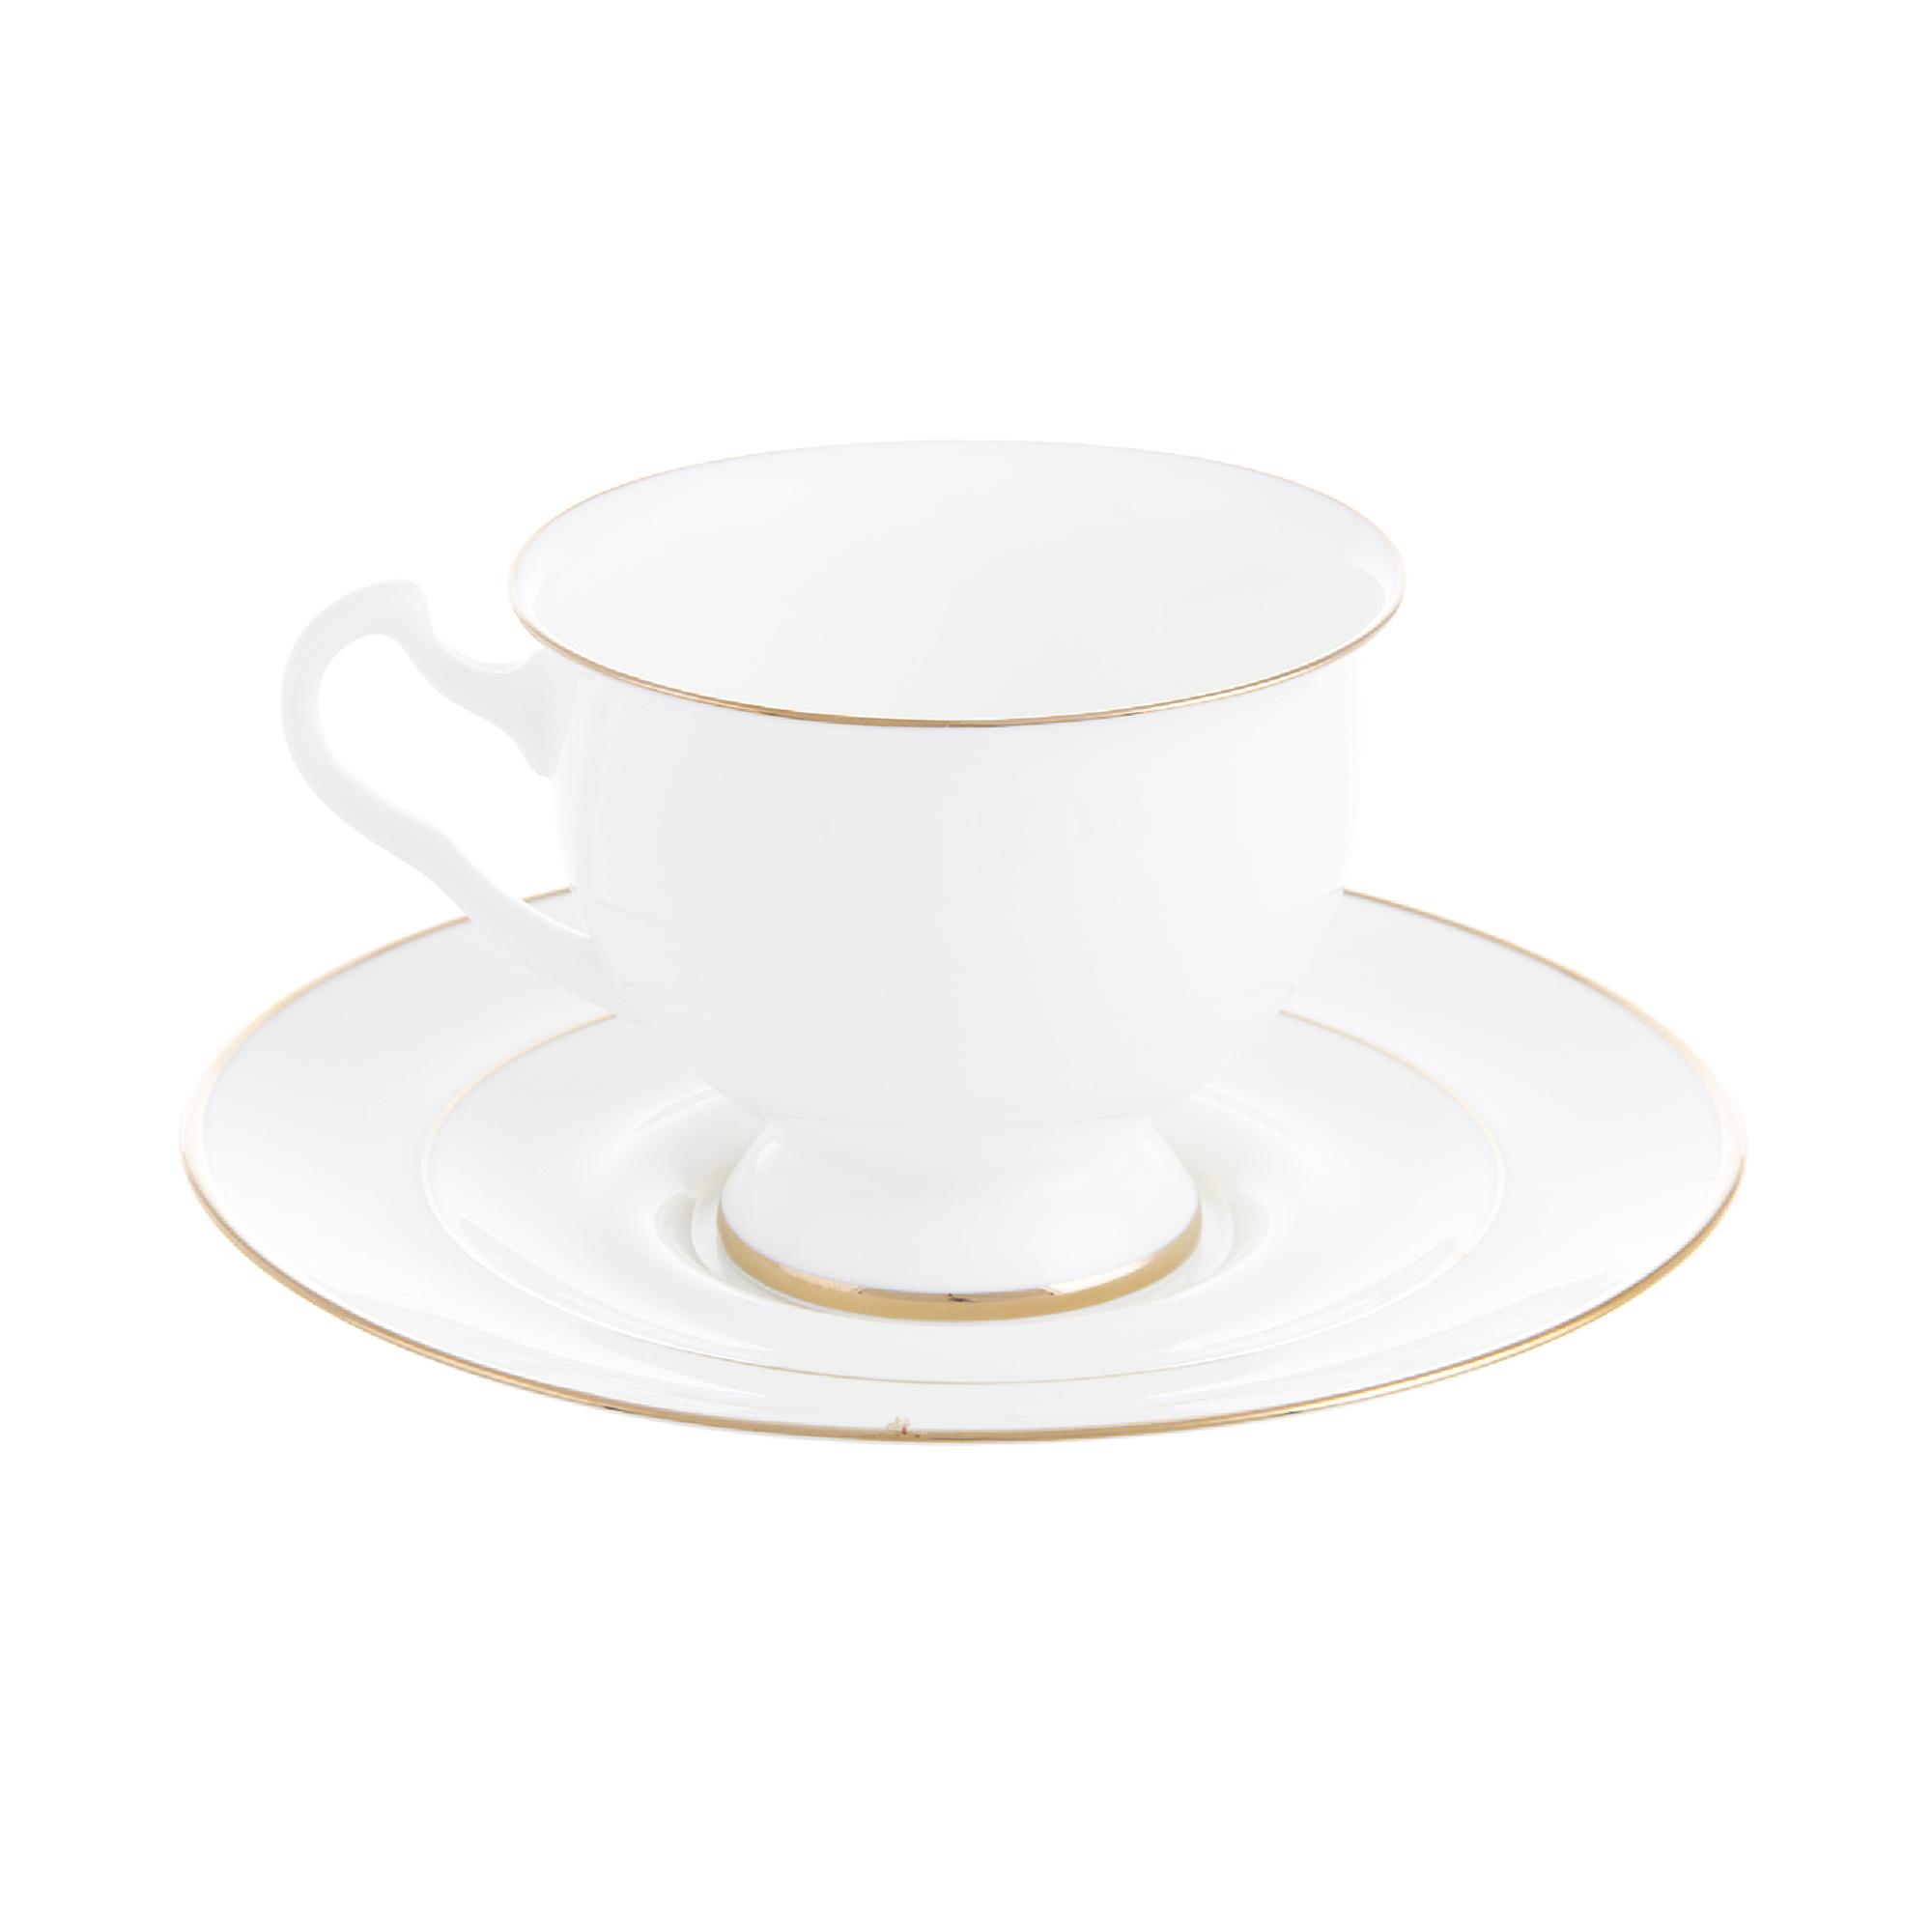 Чашка с блюдцем чайная айседора золотая лента к Ифз